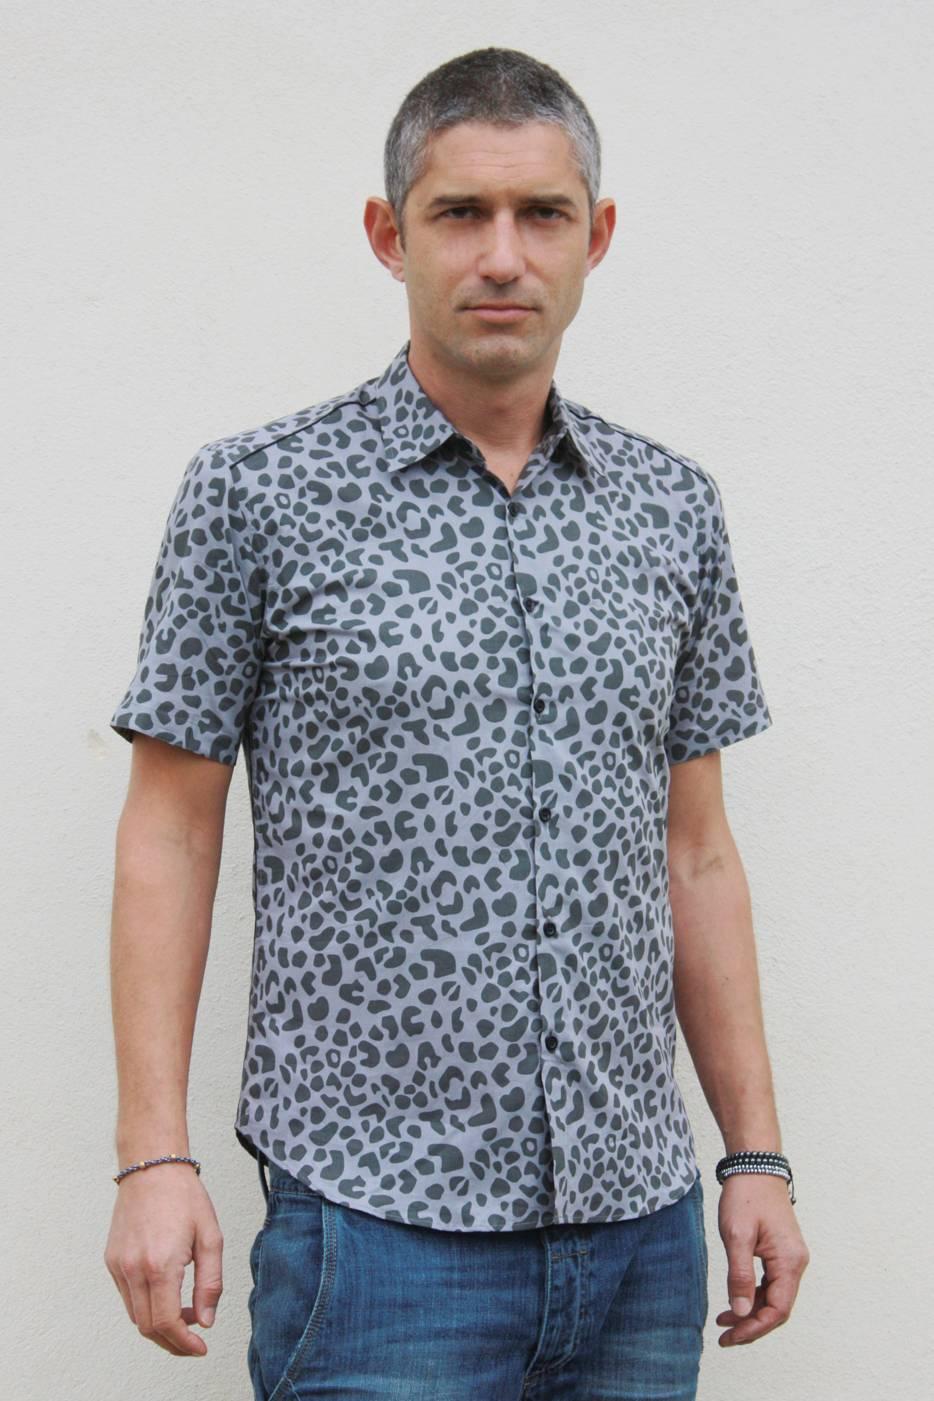 Saint Lau Leopard Print Shirt Men Clothing Yves Pumps Officially Authorized